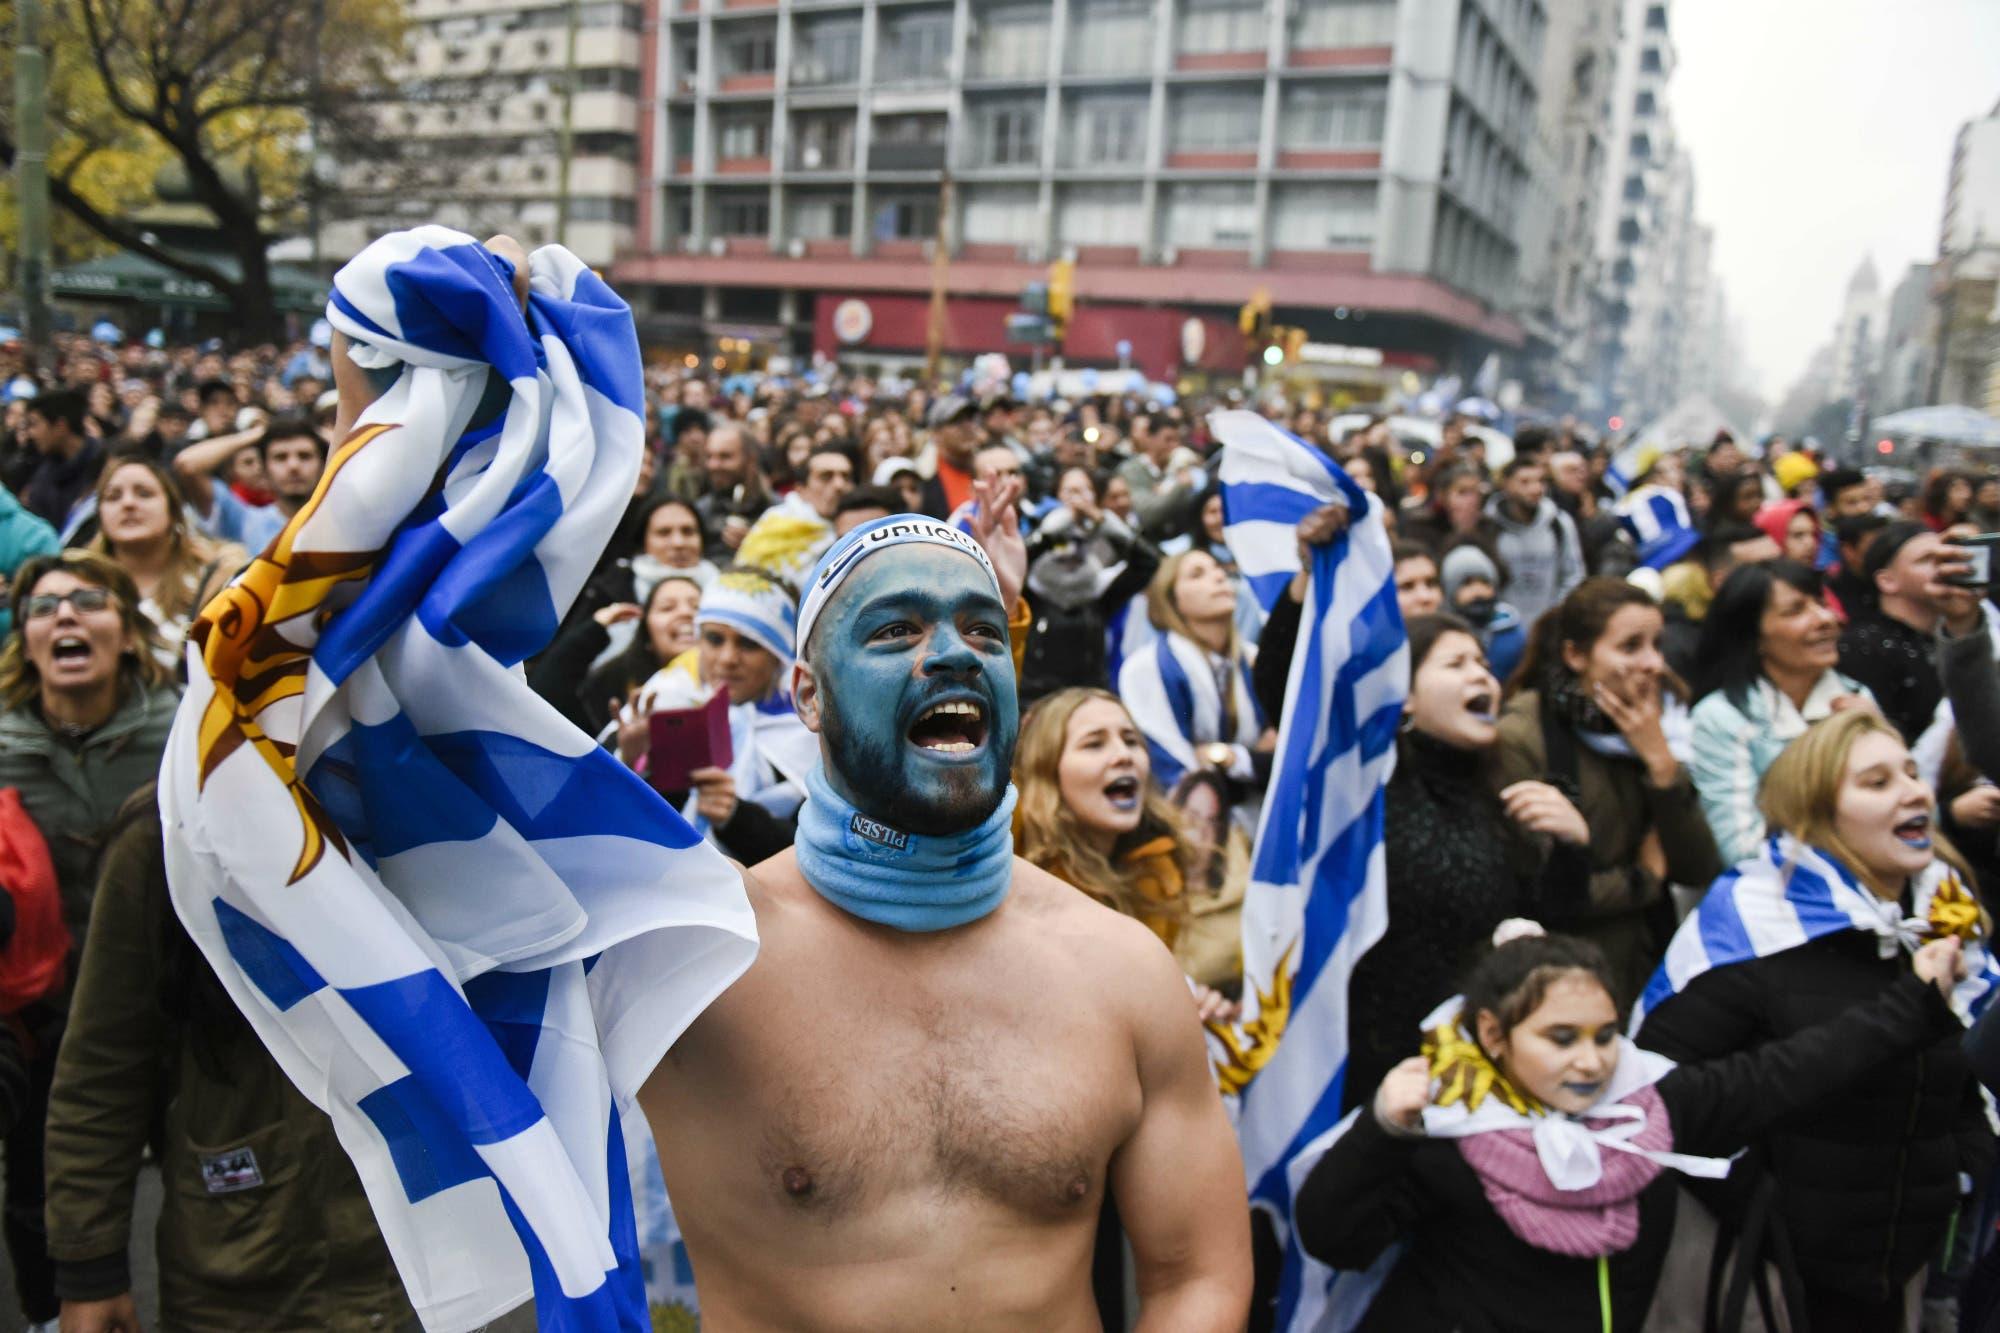 Mundial Rusia 2018. Grito uruguayo en Montevideo: el festejo del gol del helado